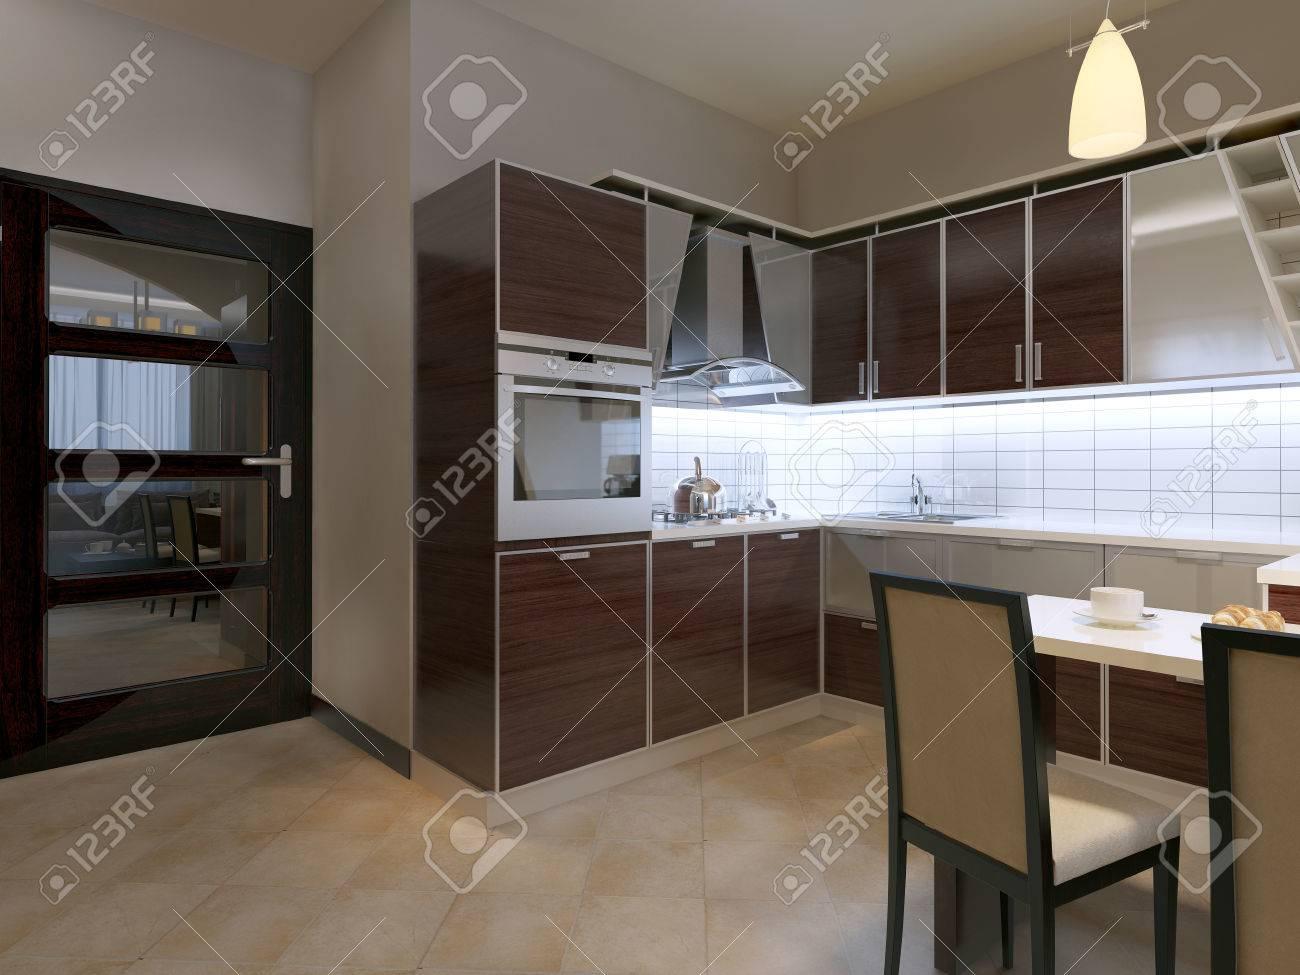 Küche In Modernem Stil. Dunkelbraun Küche Mit Aluminiumeinsätzen ...